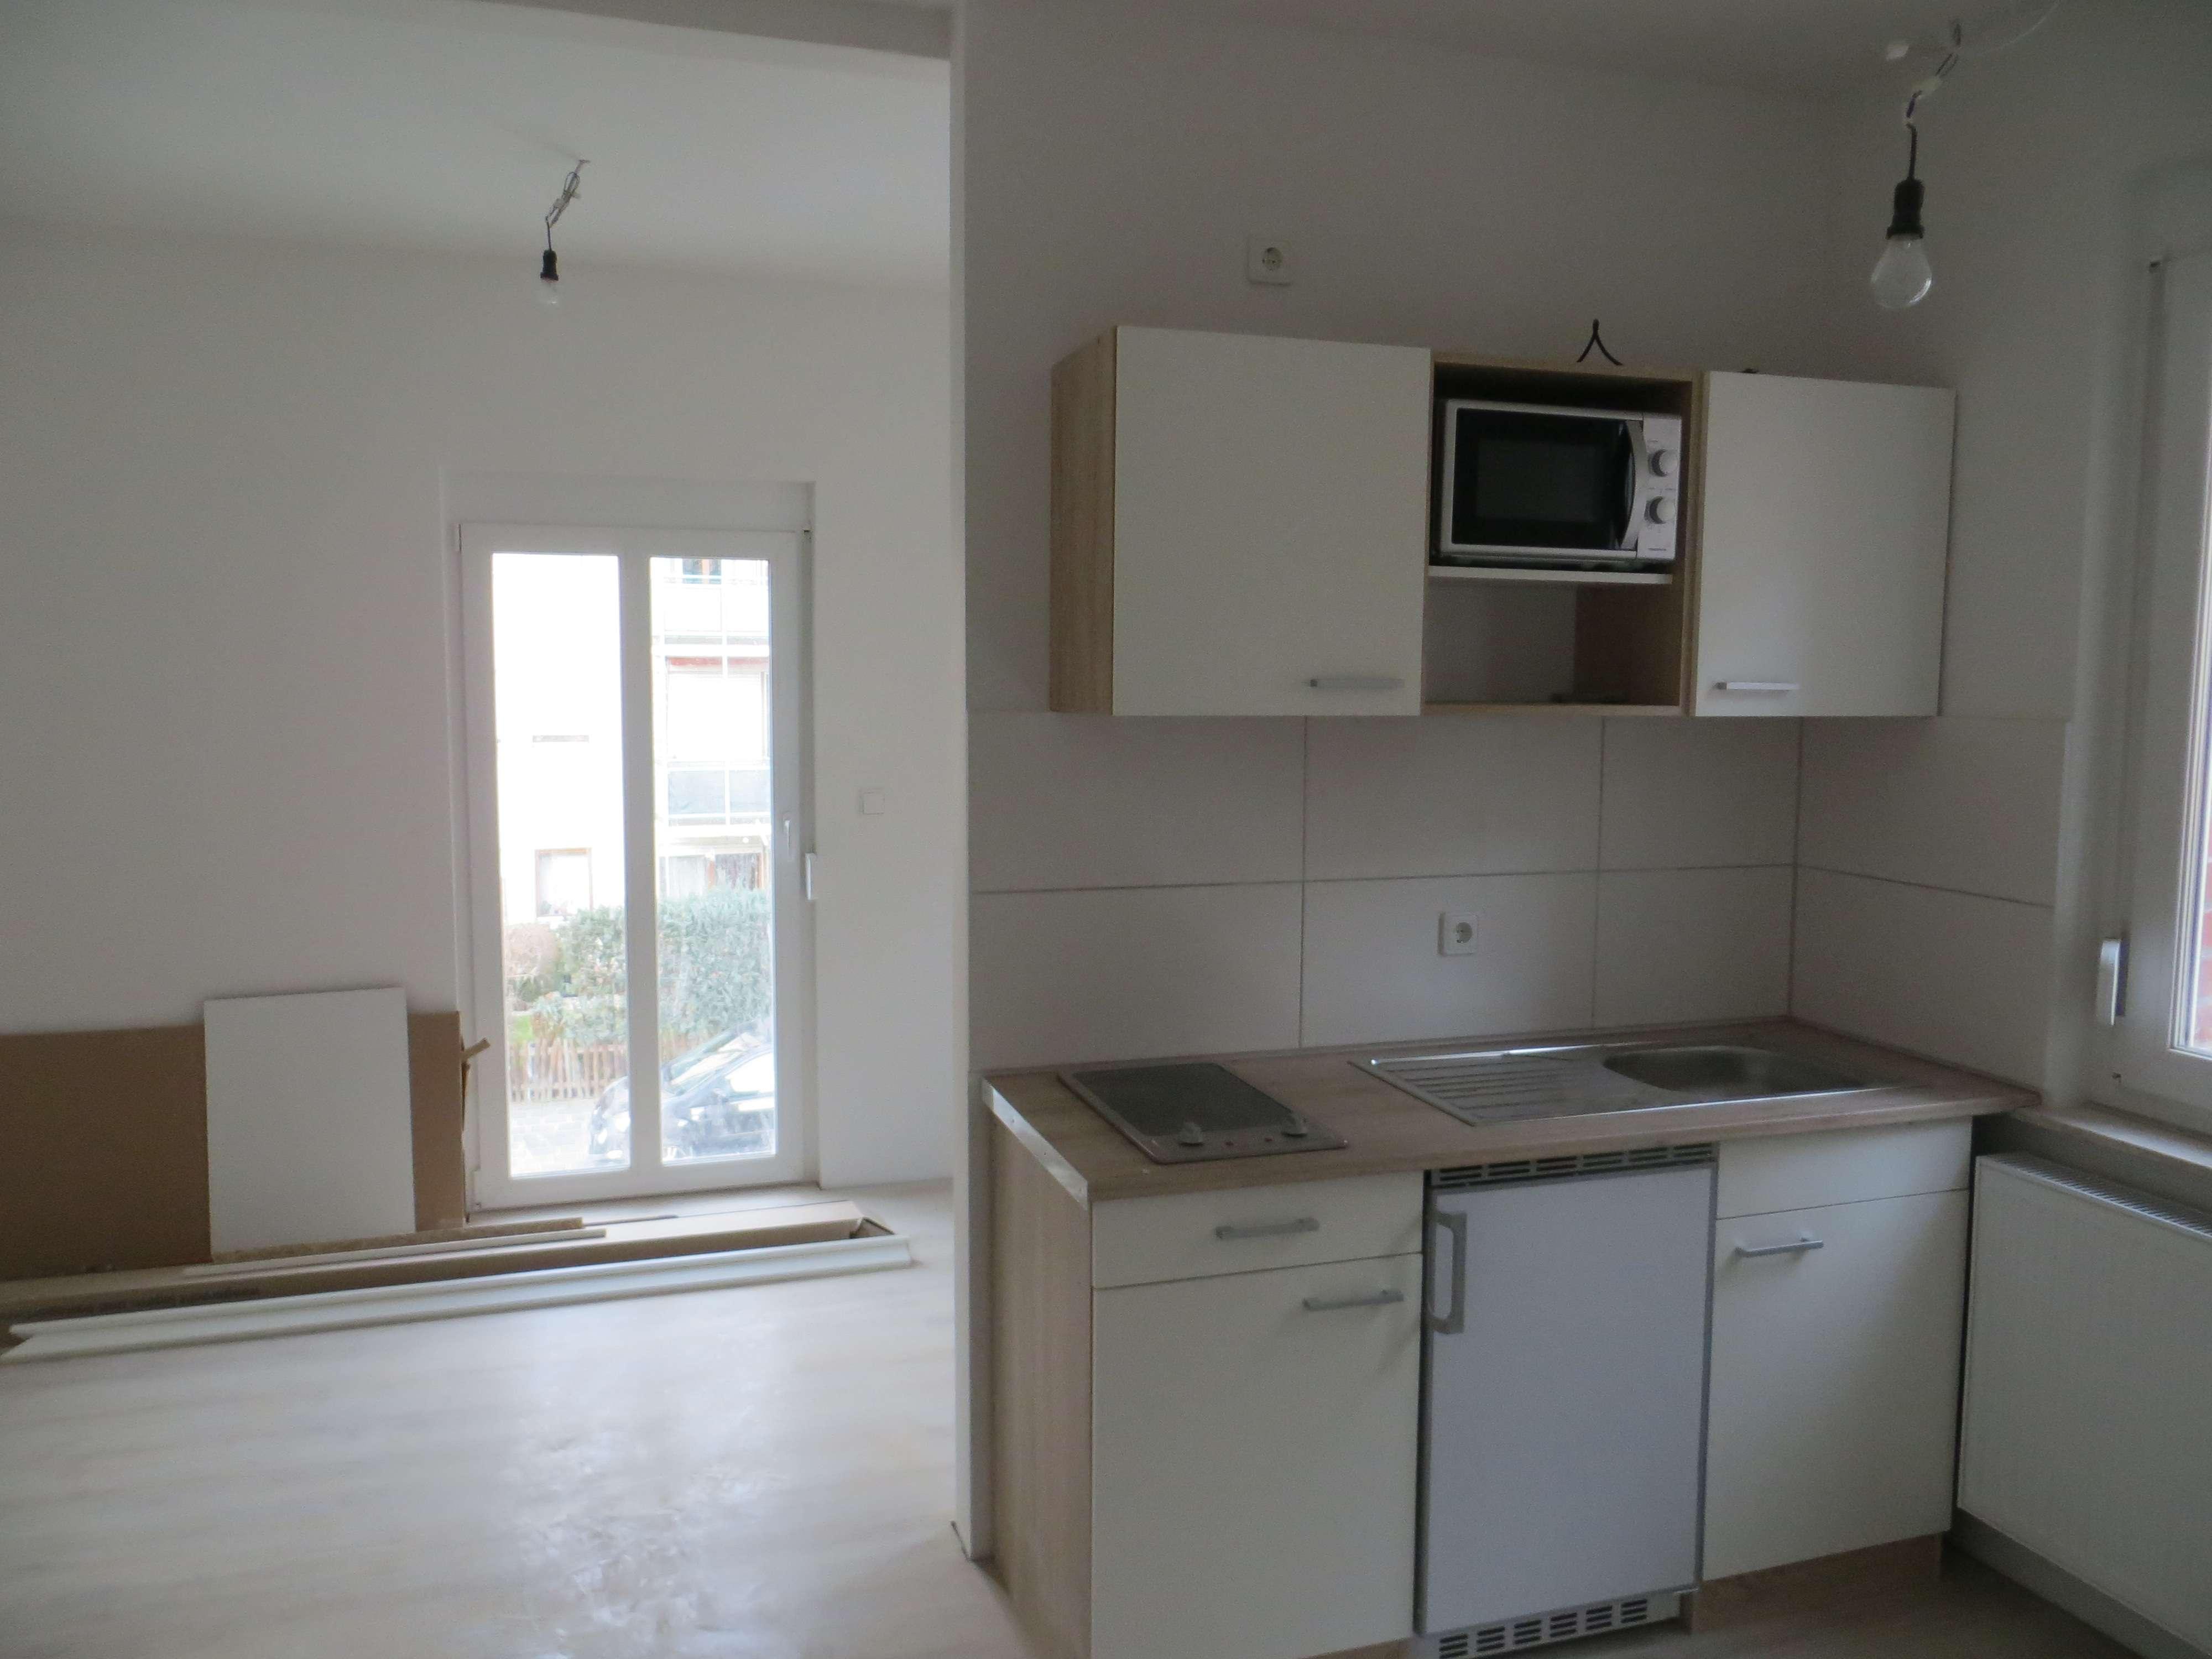 Schicke 1-Zimmerwohnung in Nürnberg/Schniegling mit Balkon ***Erstbezug nach Kernsanierung*** in Schniegling (Nürnberg)